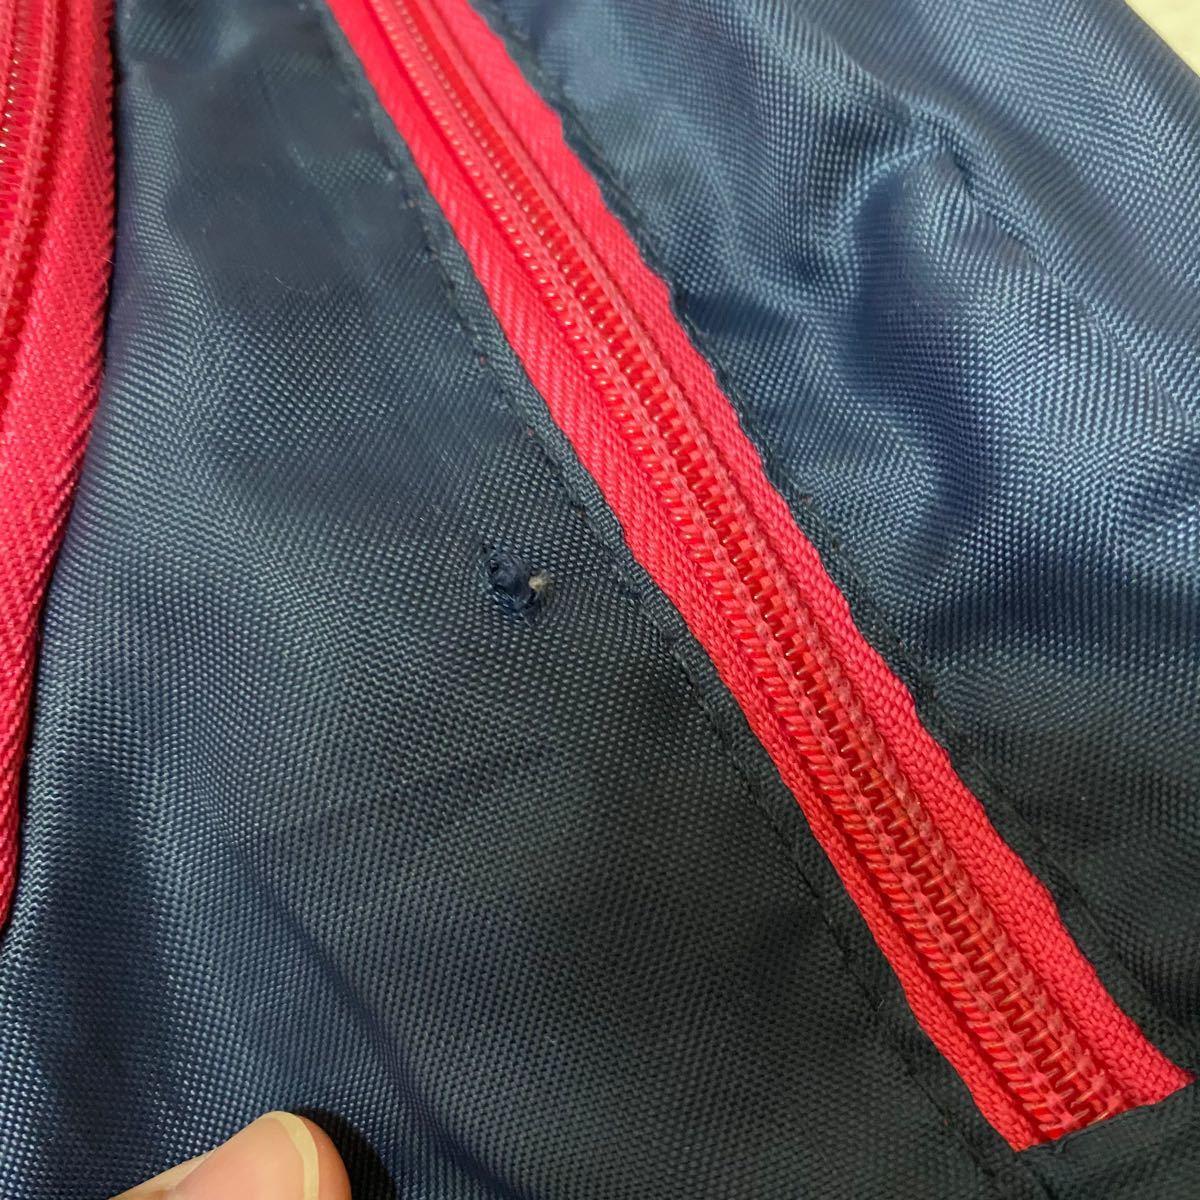 ウエストバッグ ウエストポーチ ボディバッグ ユニセックス スポーツ 紺 ネイビー ピンク Kaepa USA ケイパ